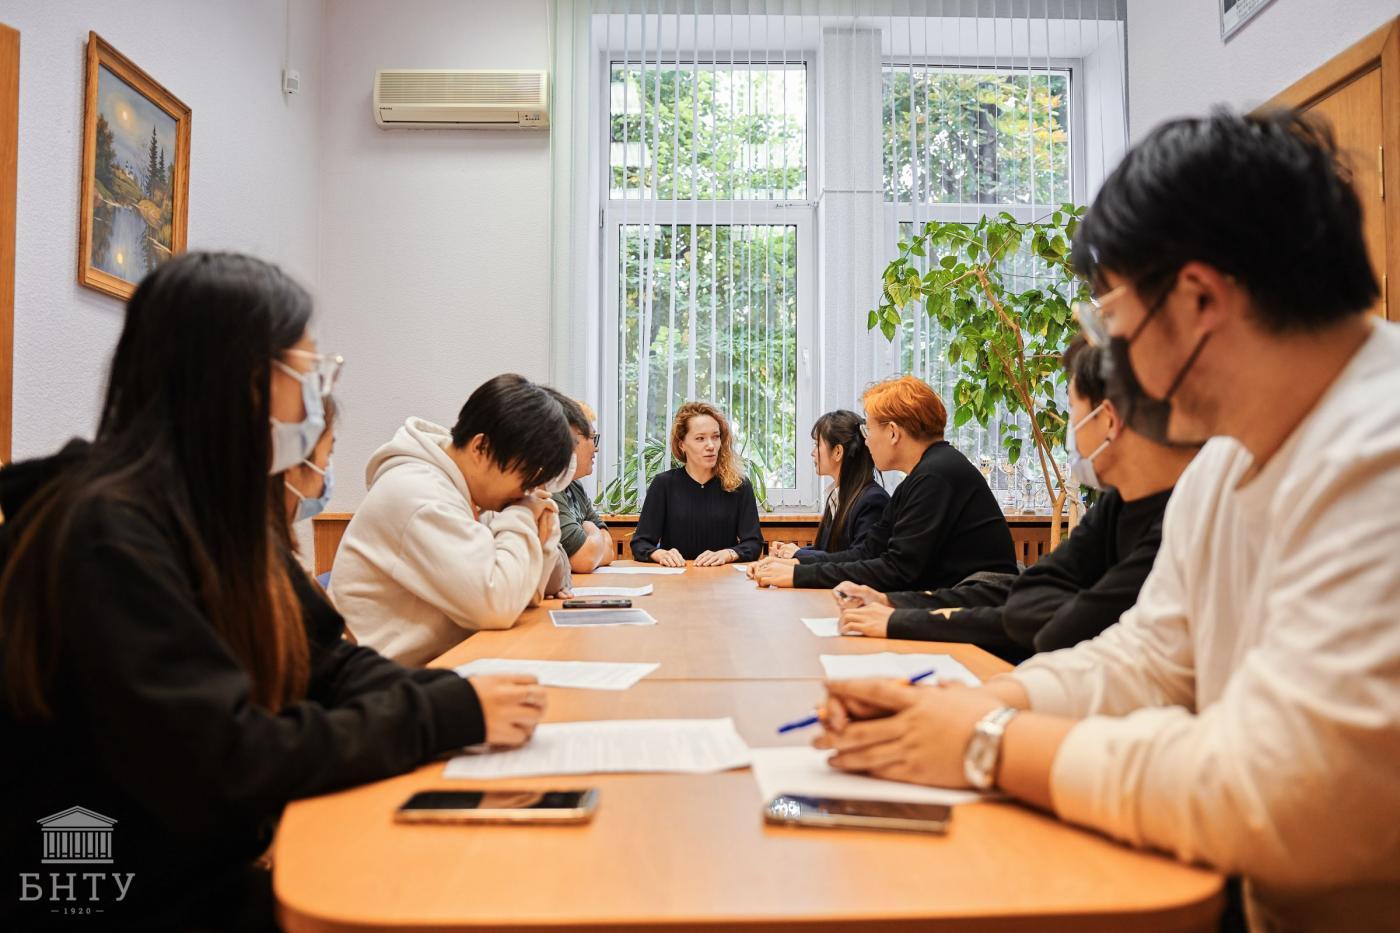 Англоязычная магистратура для студентов из Китая. С новым учебным годом!